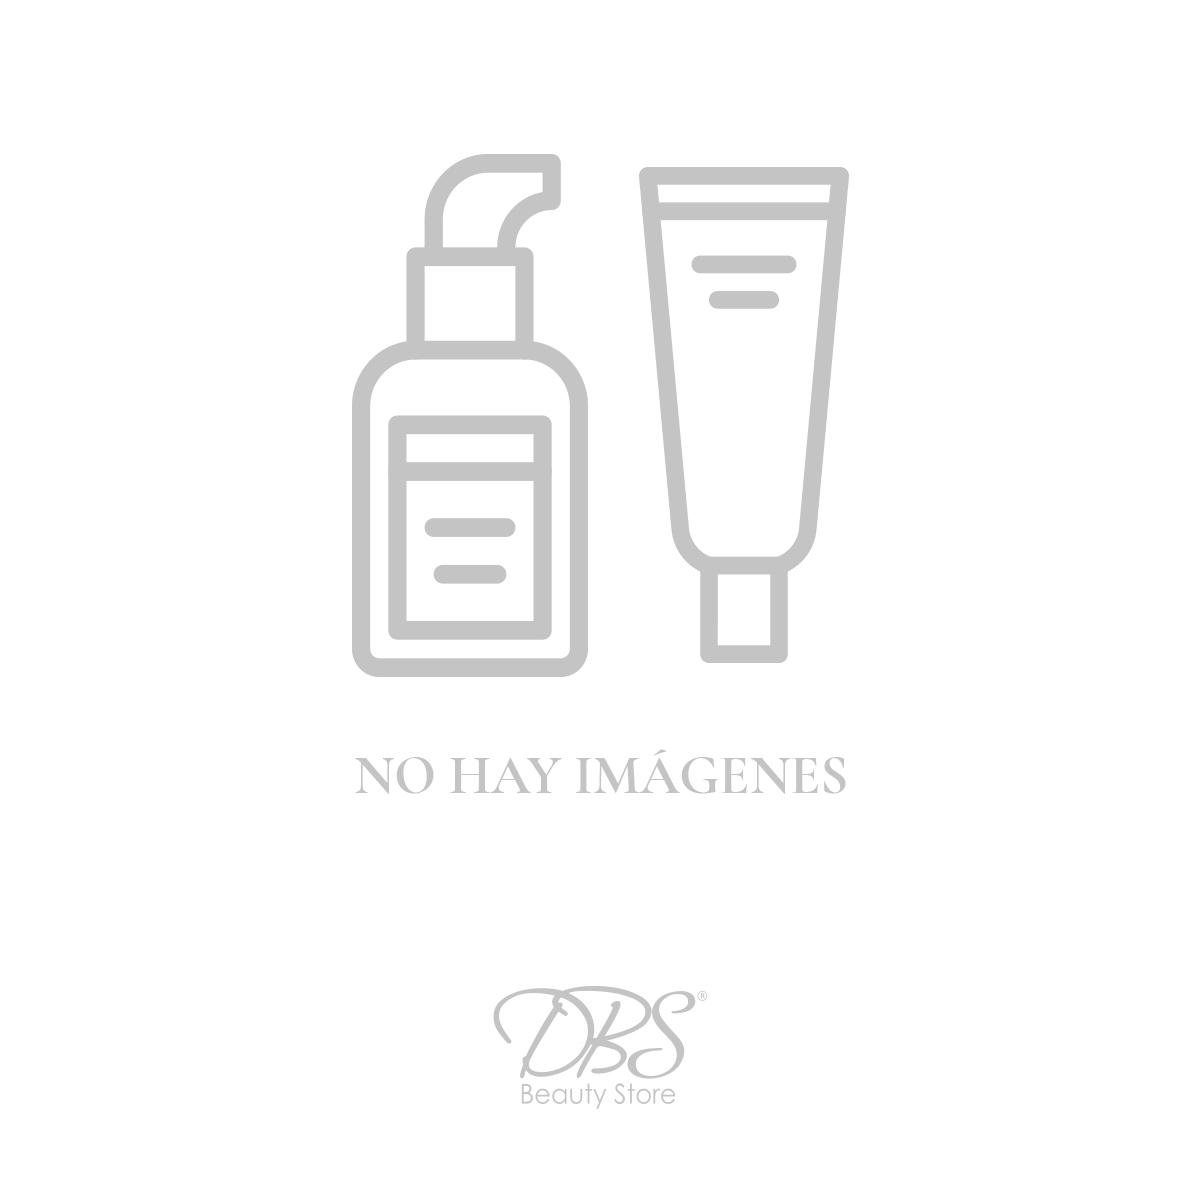 dbs-cosmetics-DBS-OS1343-MP.jpg